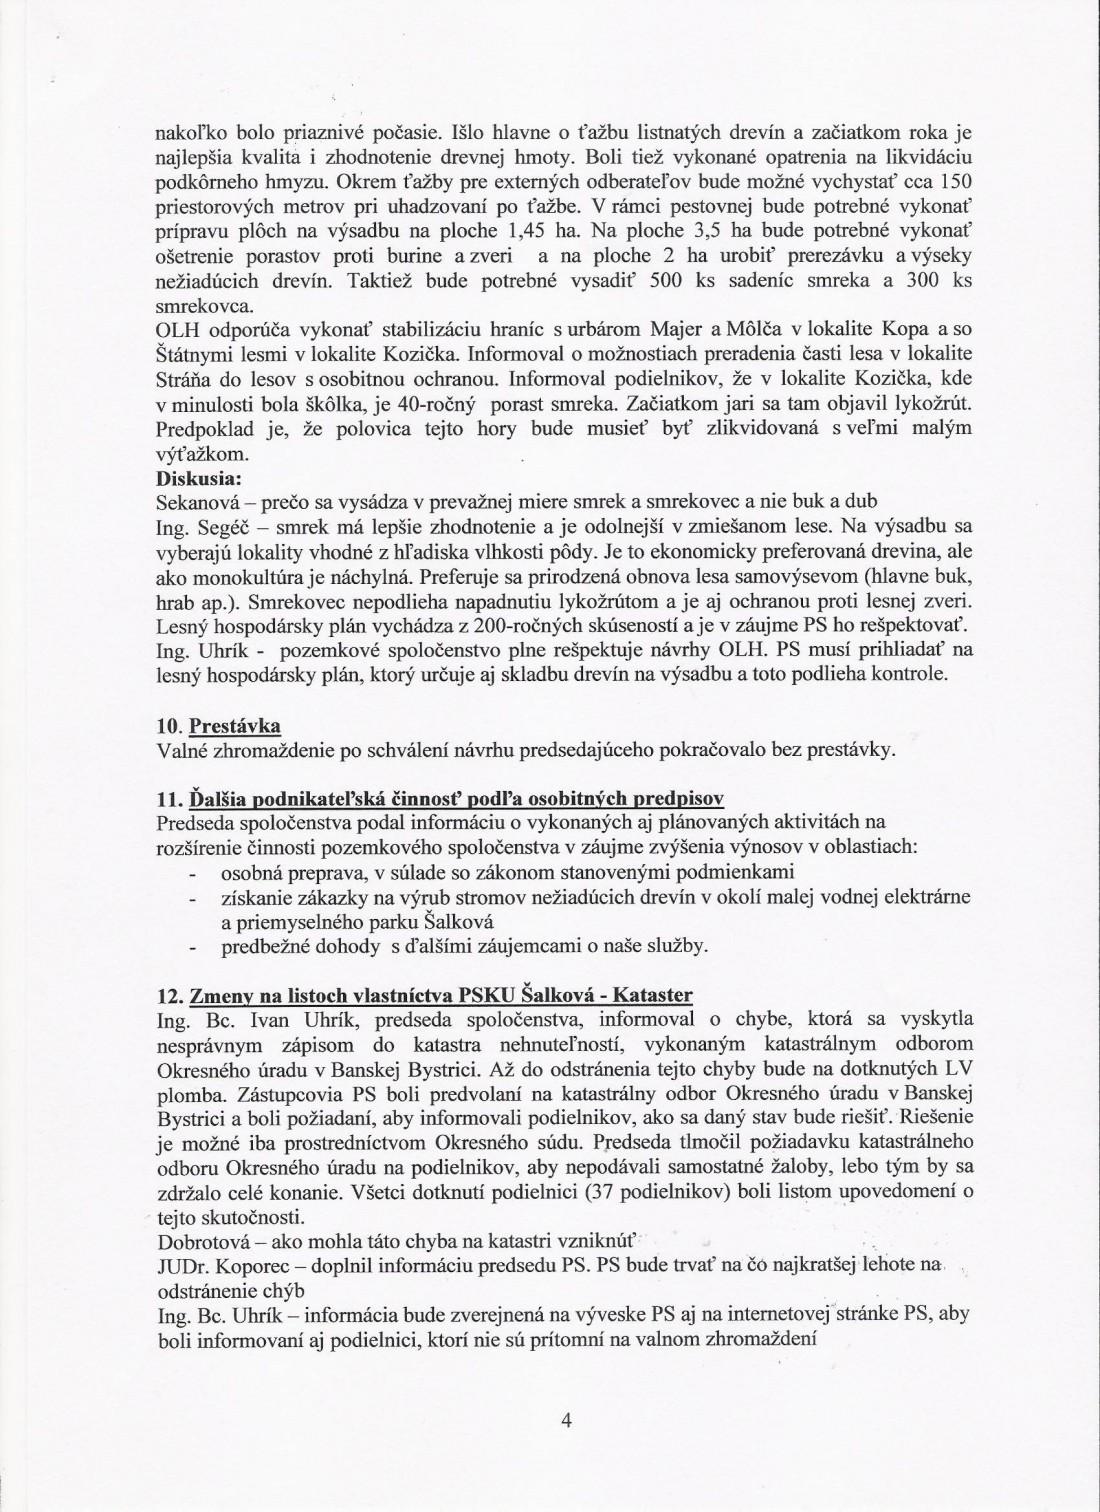 Zápisnica z VZ 6.5. 2017 - strana č. 4